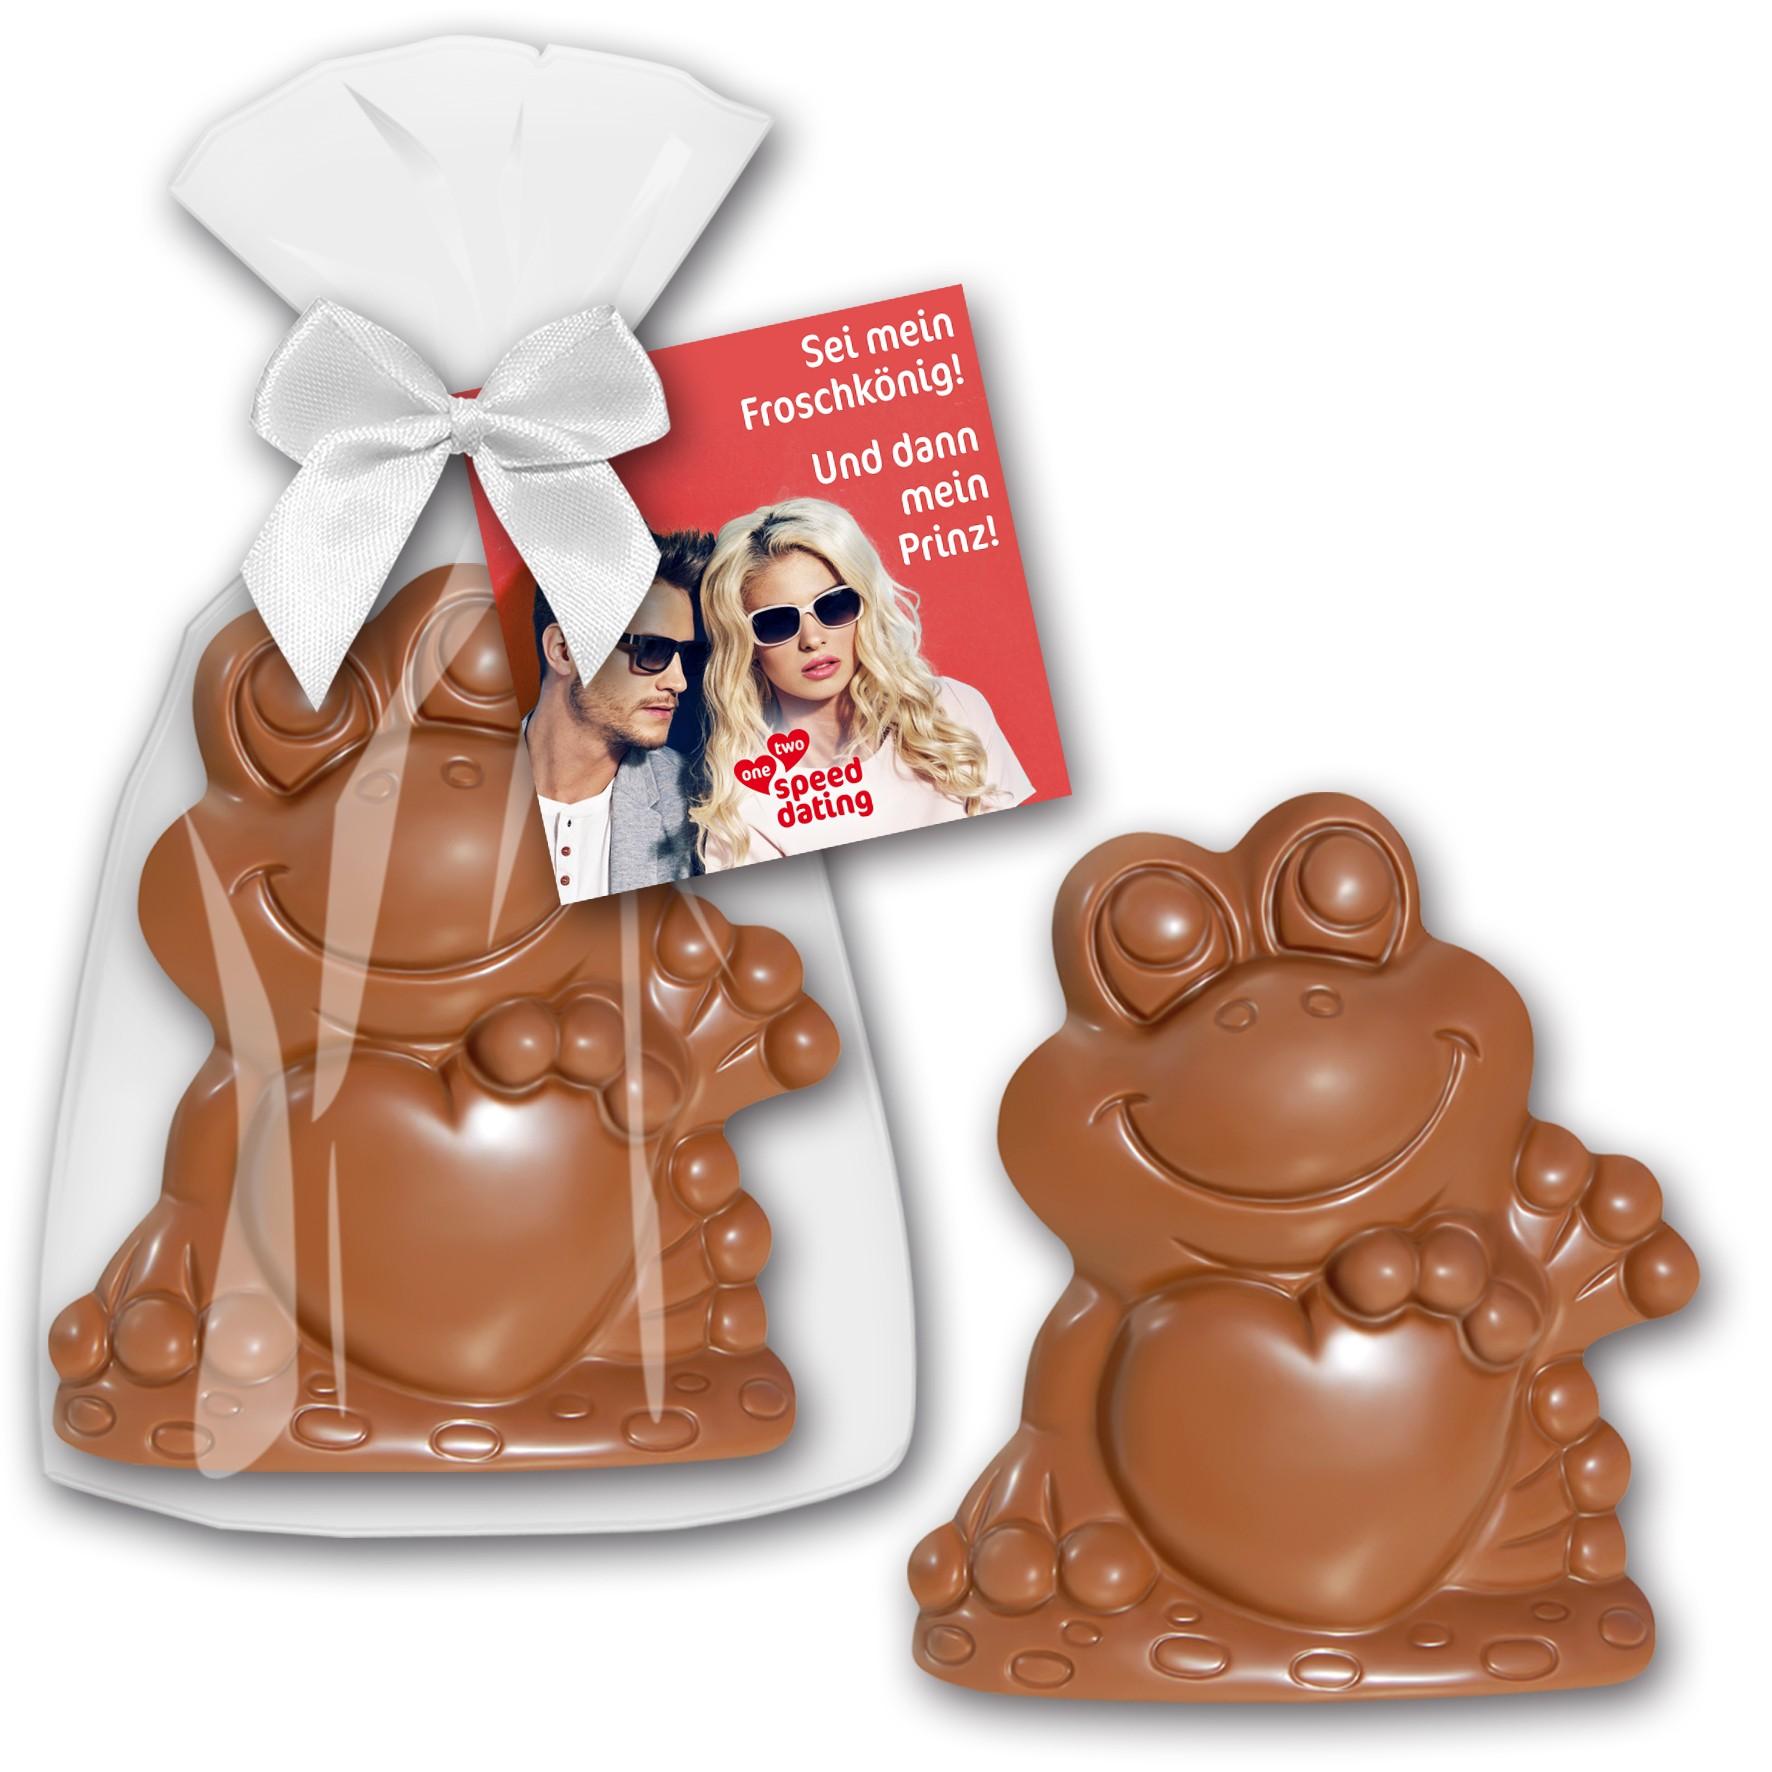 Schokoladen - Frosch